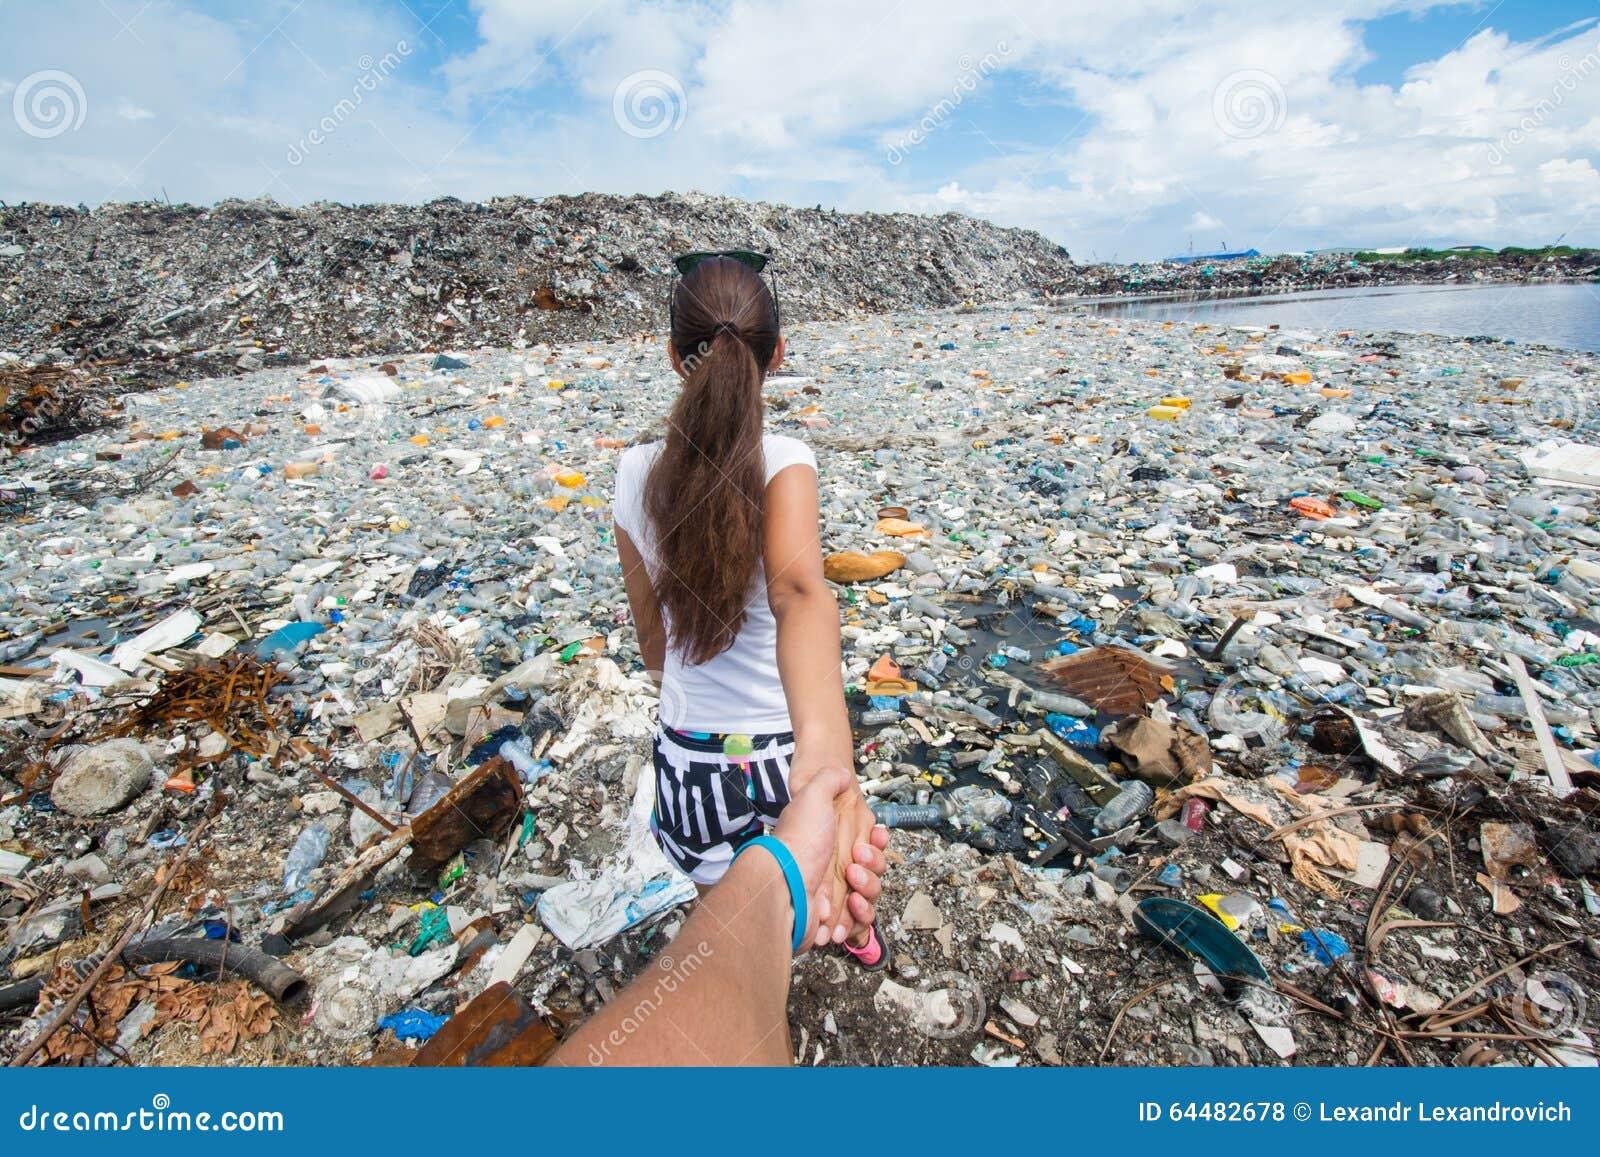 Siga-me versão na descarga de lixo